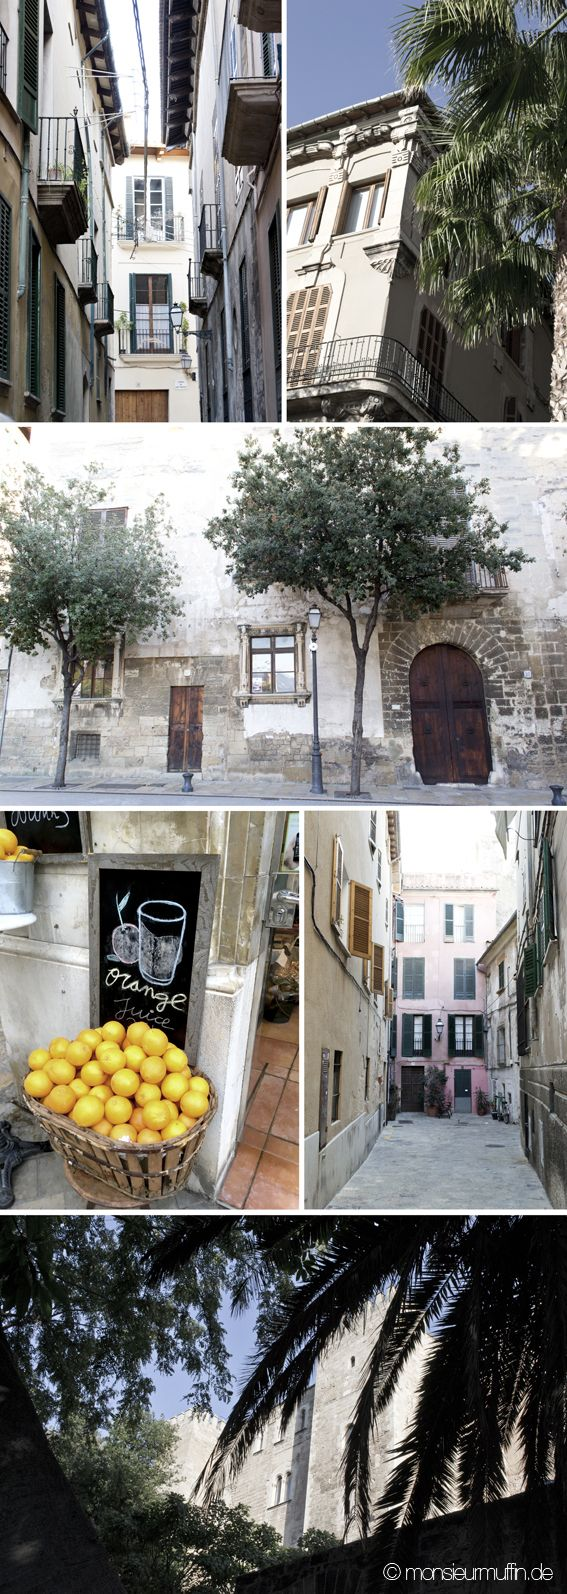 Geheimtipps für Mallorca | © monsieurmuffin